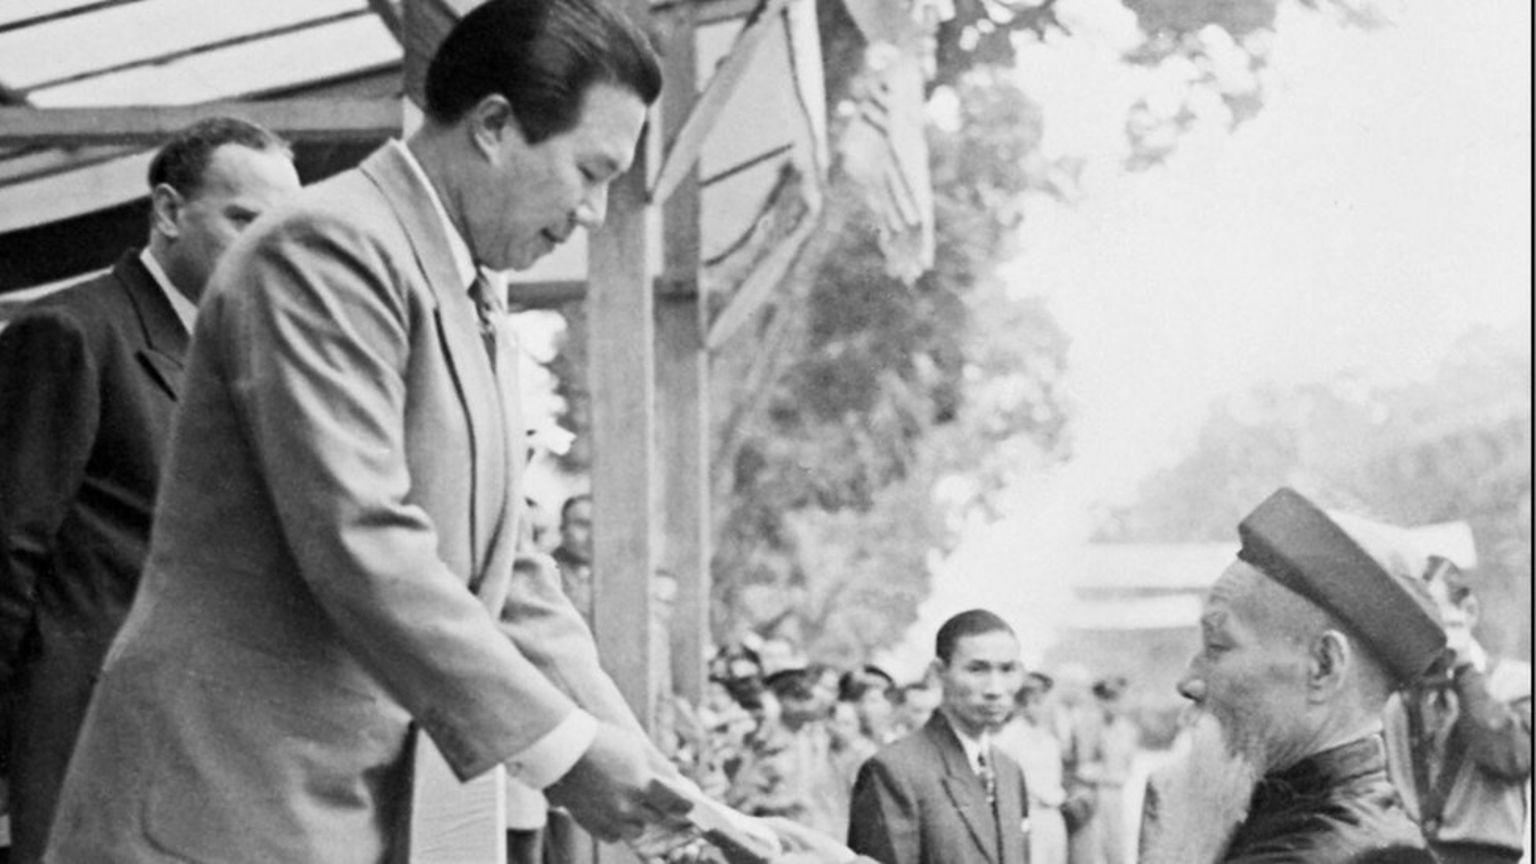 Sau năm 1945 Cựu Hoàng Bảo Đại đã tham chính ở Bắc và Nam Việt Nam nhưng sau sang Pháp cư trú